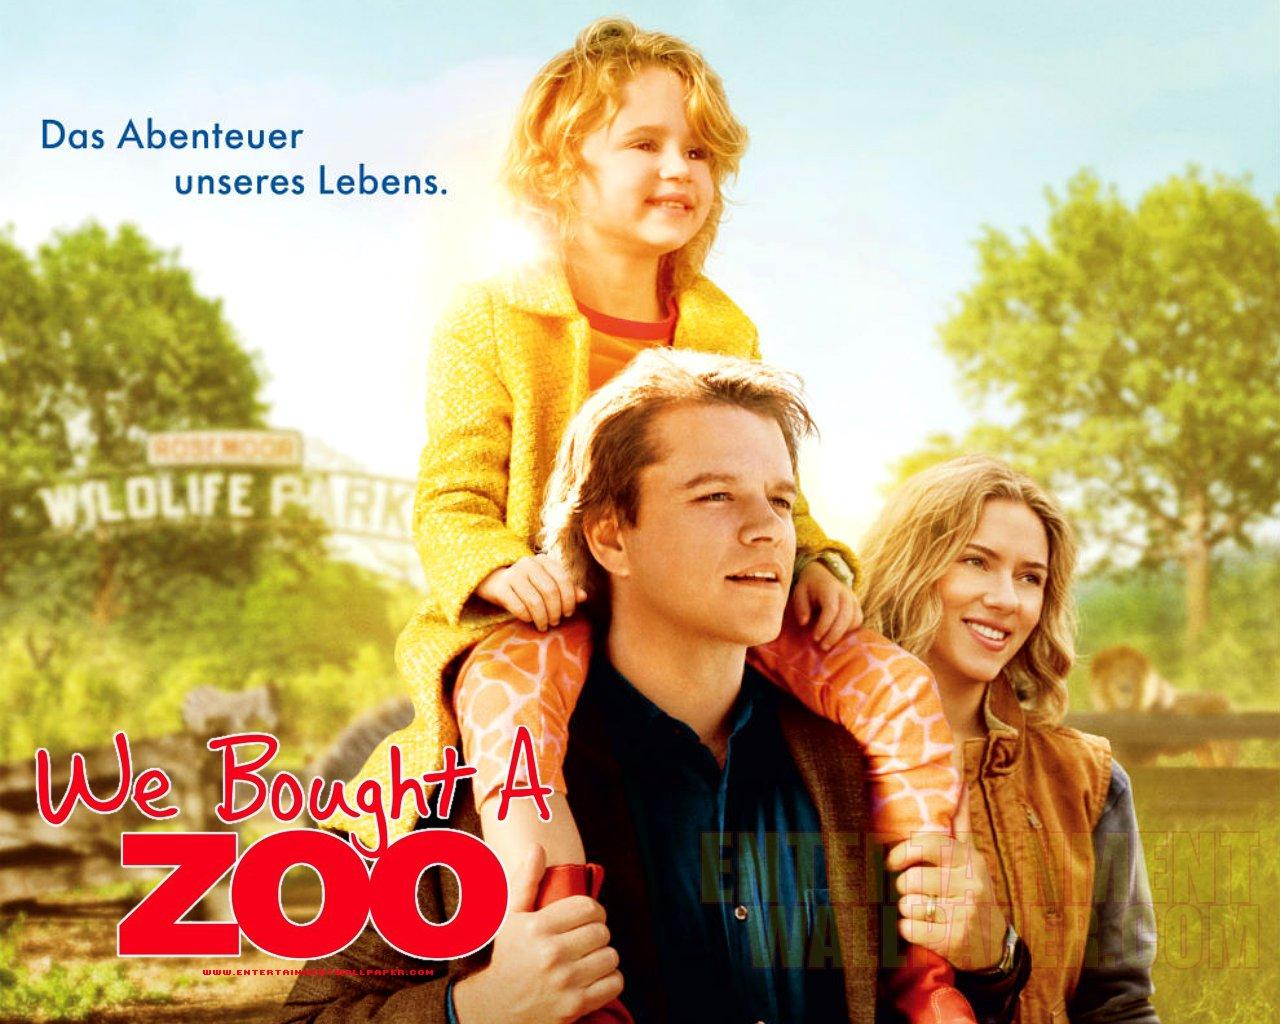 http://4.bp.blogspot.com/-XnIzndPvVh8/T7grraX-0bI/AAAAAAAAC24/KflJni7vAb4/s1600/we-bought-a-zoo04.jpg